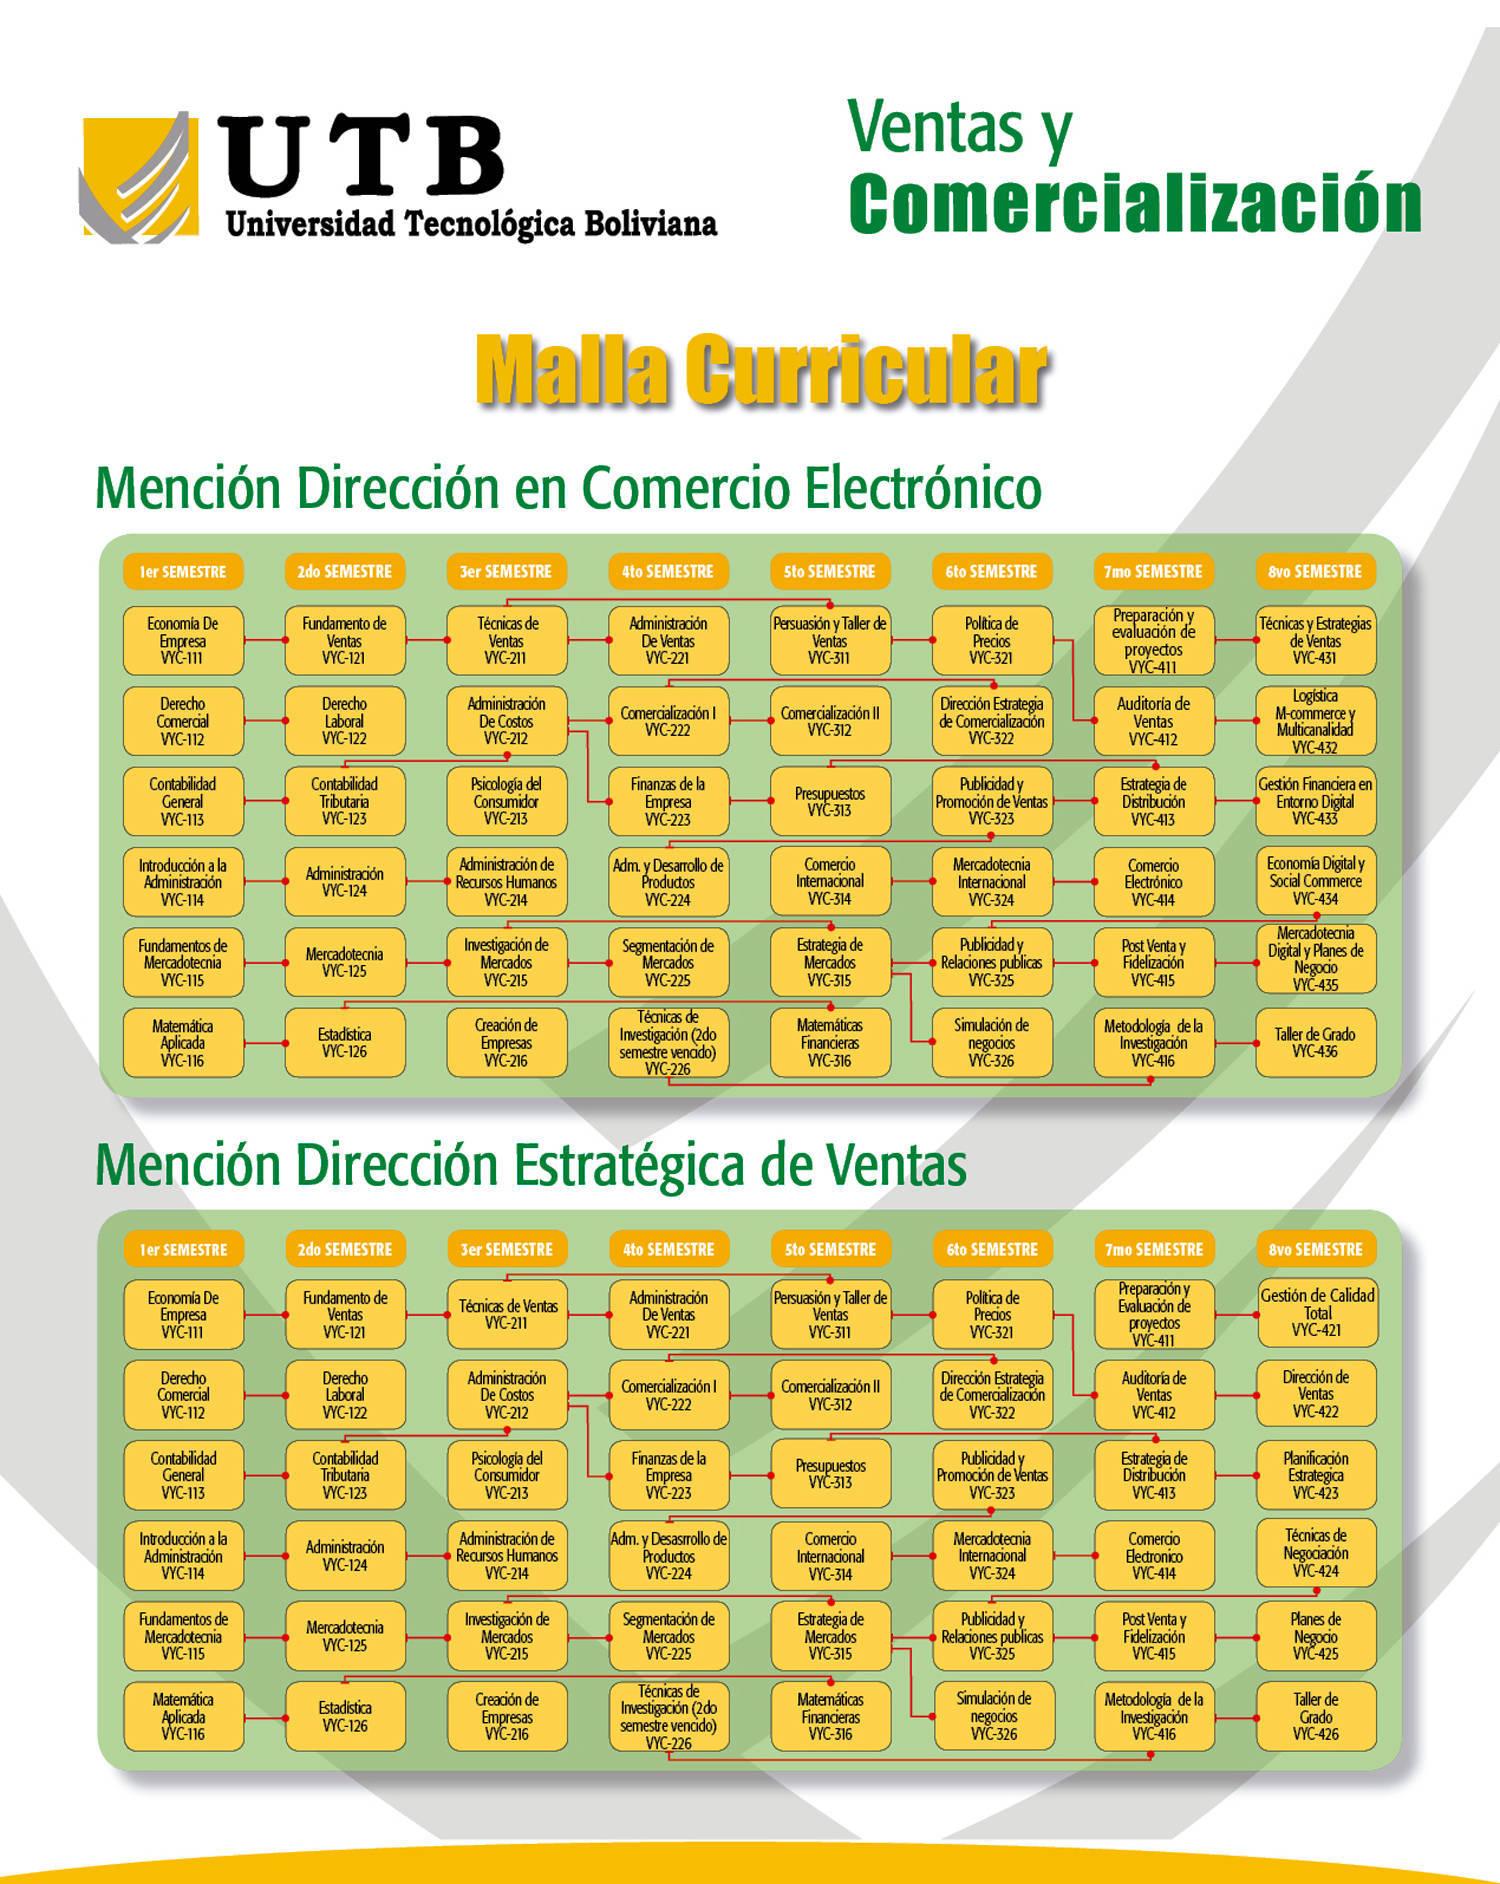 MCVentasyComercializacion